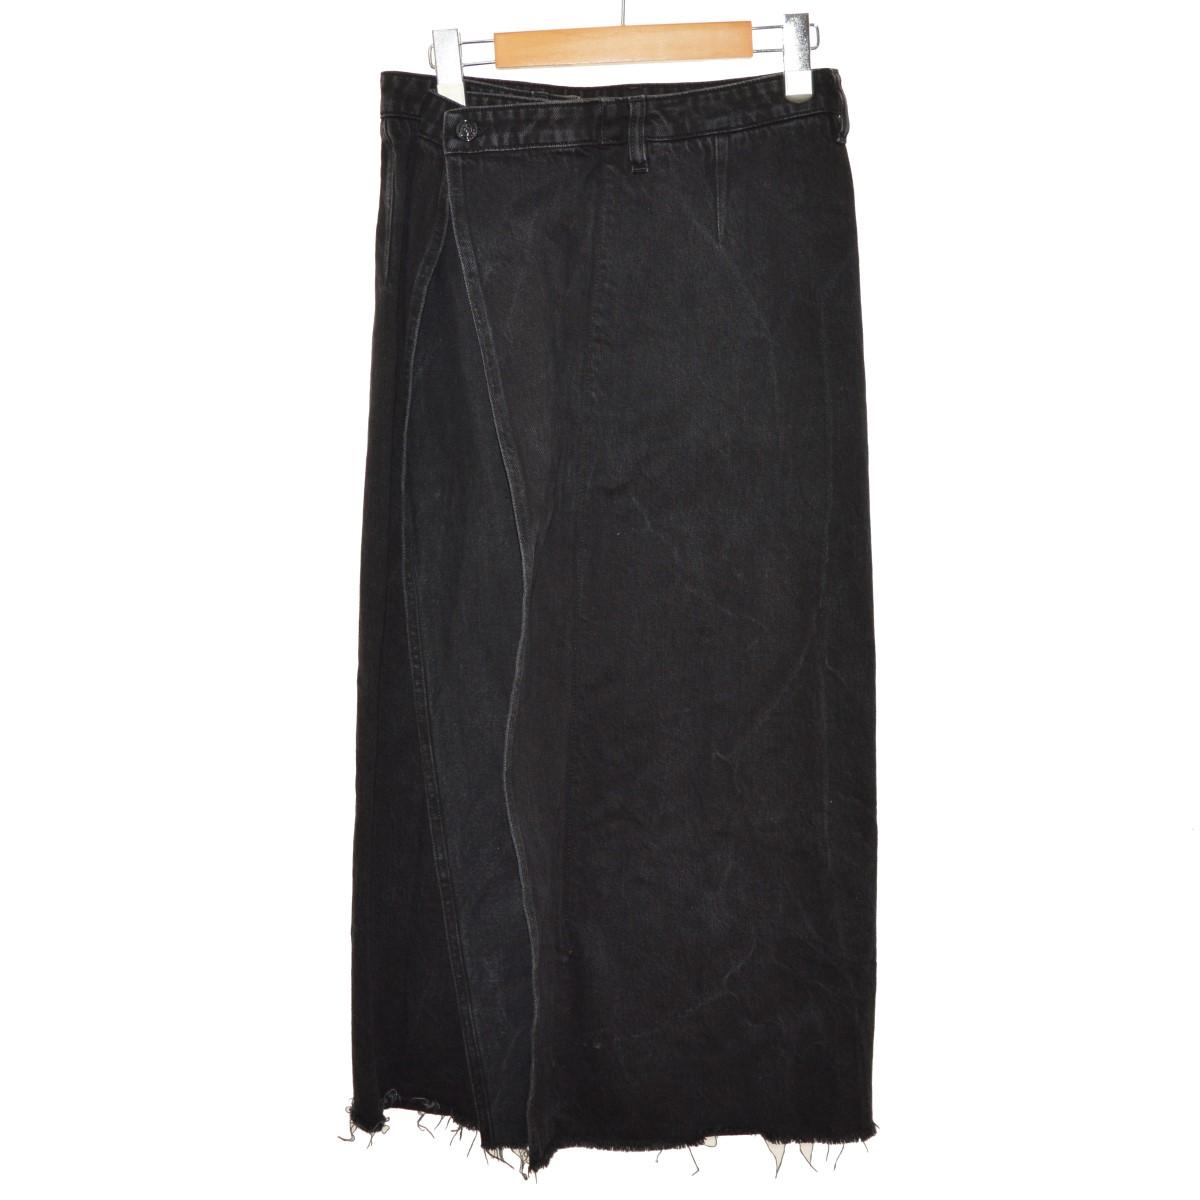 【中古】MM6 18AW ジップアップデニムスカート ブラック サイズ:42 【030320】(エムエムシックス)